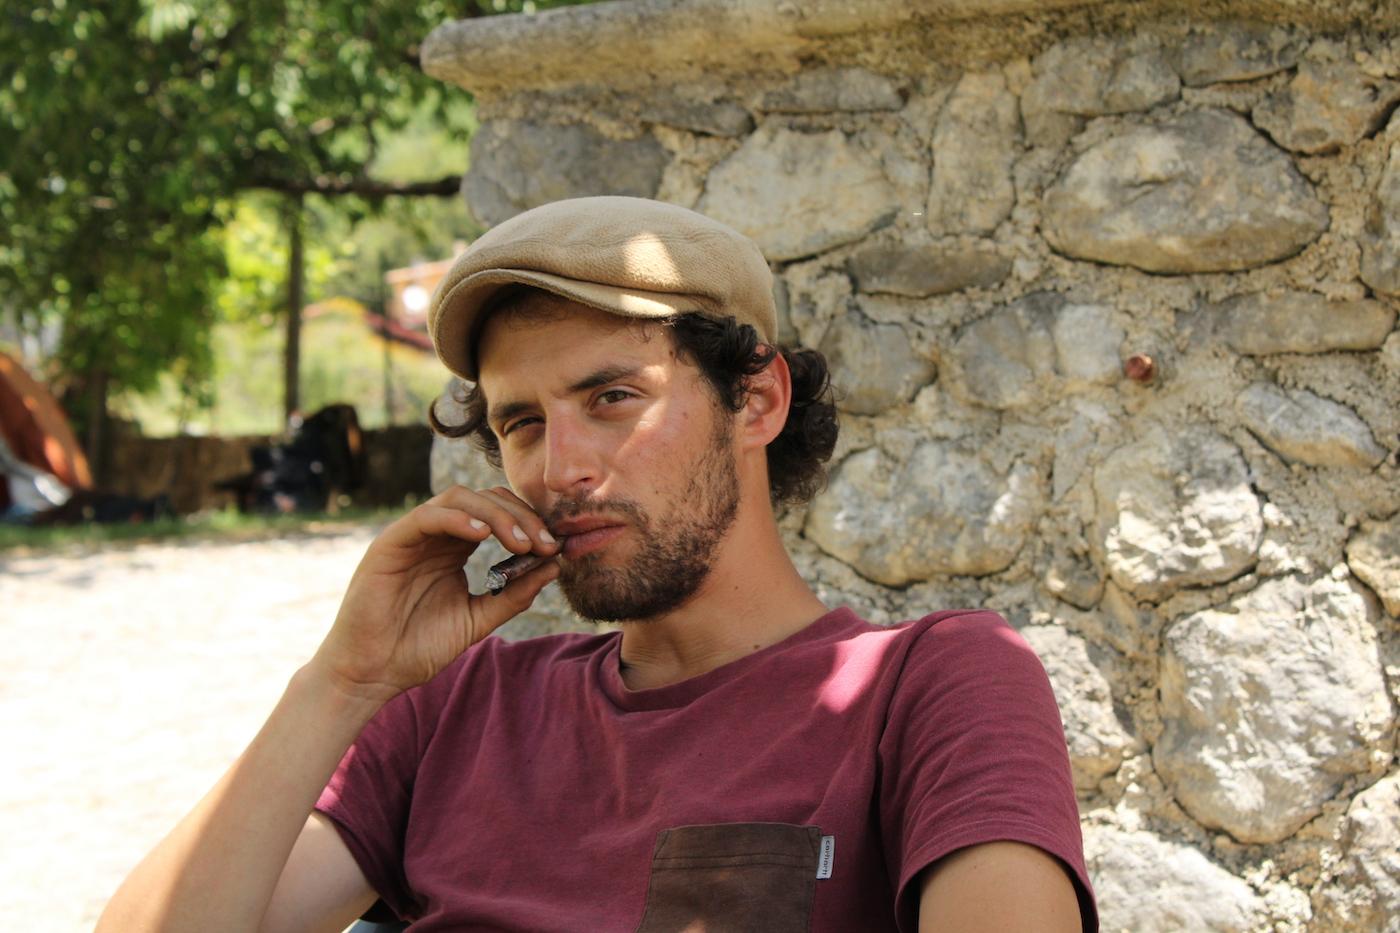 Woodvivors, l'Italia a passo di mulo. L'Anteprima del documentario l'1 agosto in streaming